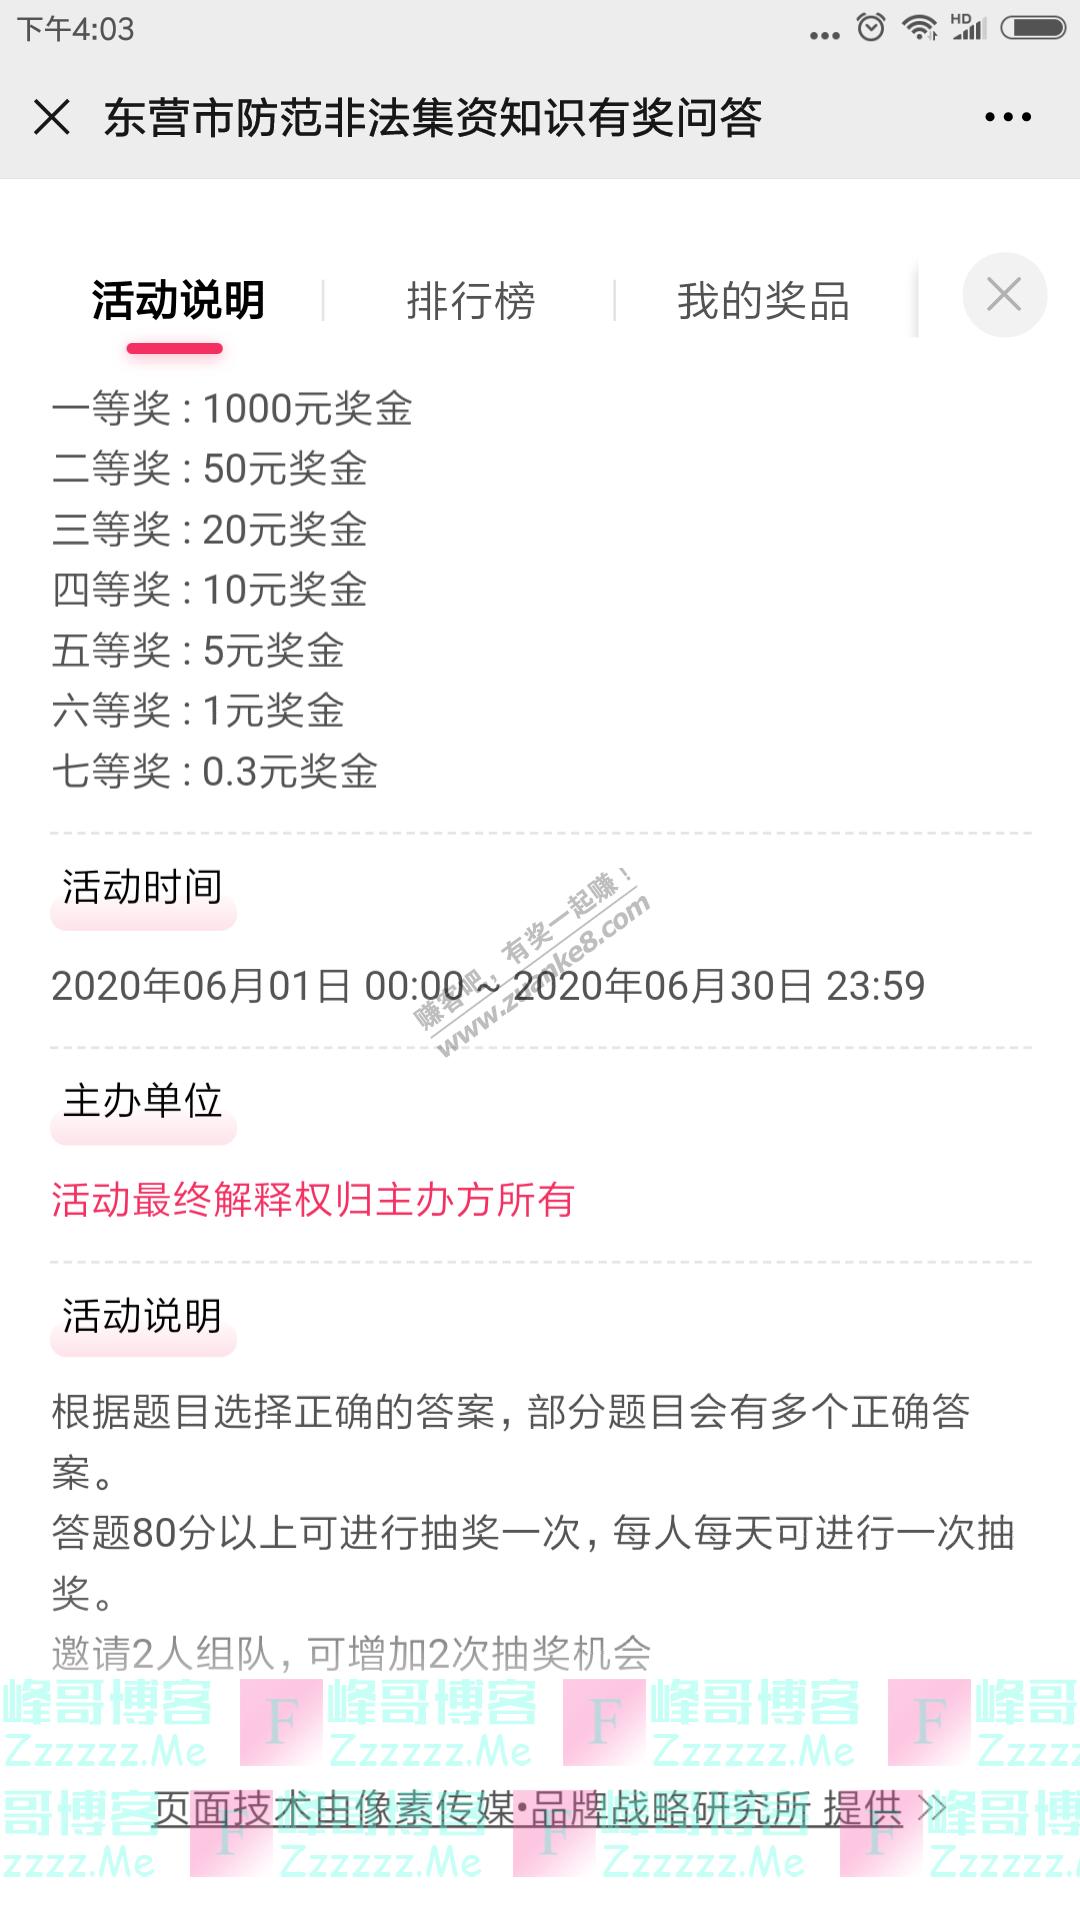 东营金融卫士防范非法集资有奖问答,千元大奖等您来拿(截止6月30日)